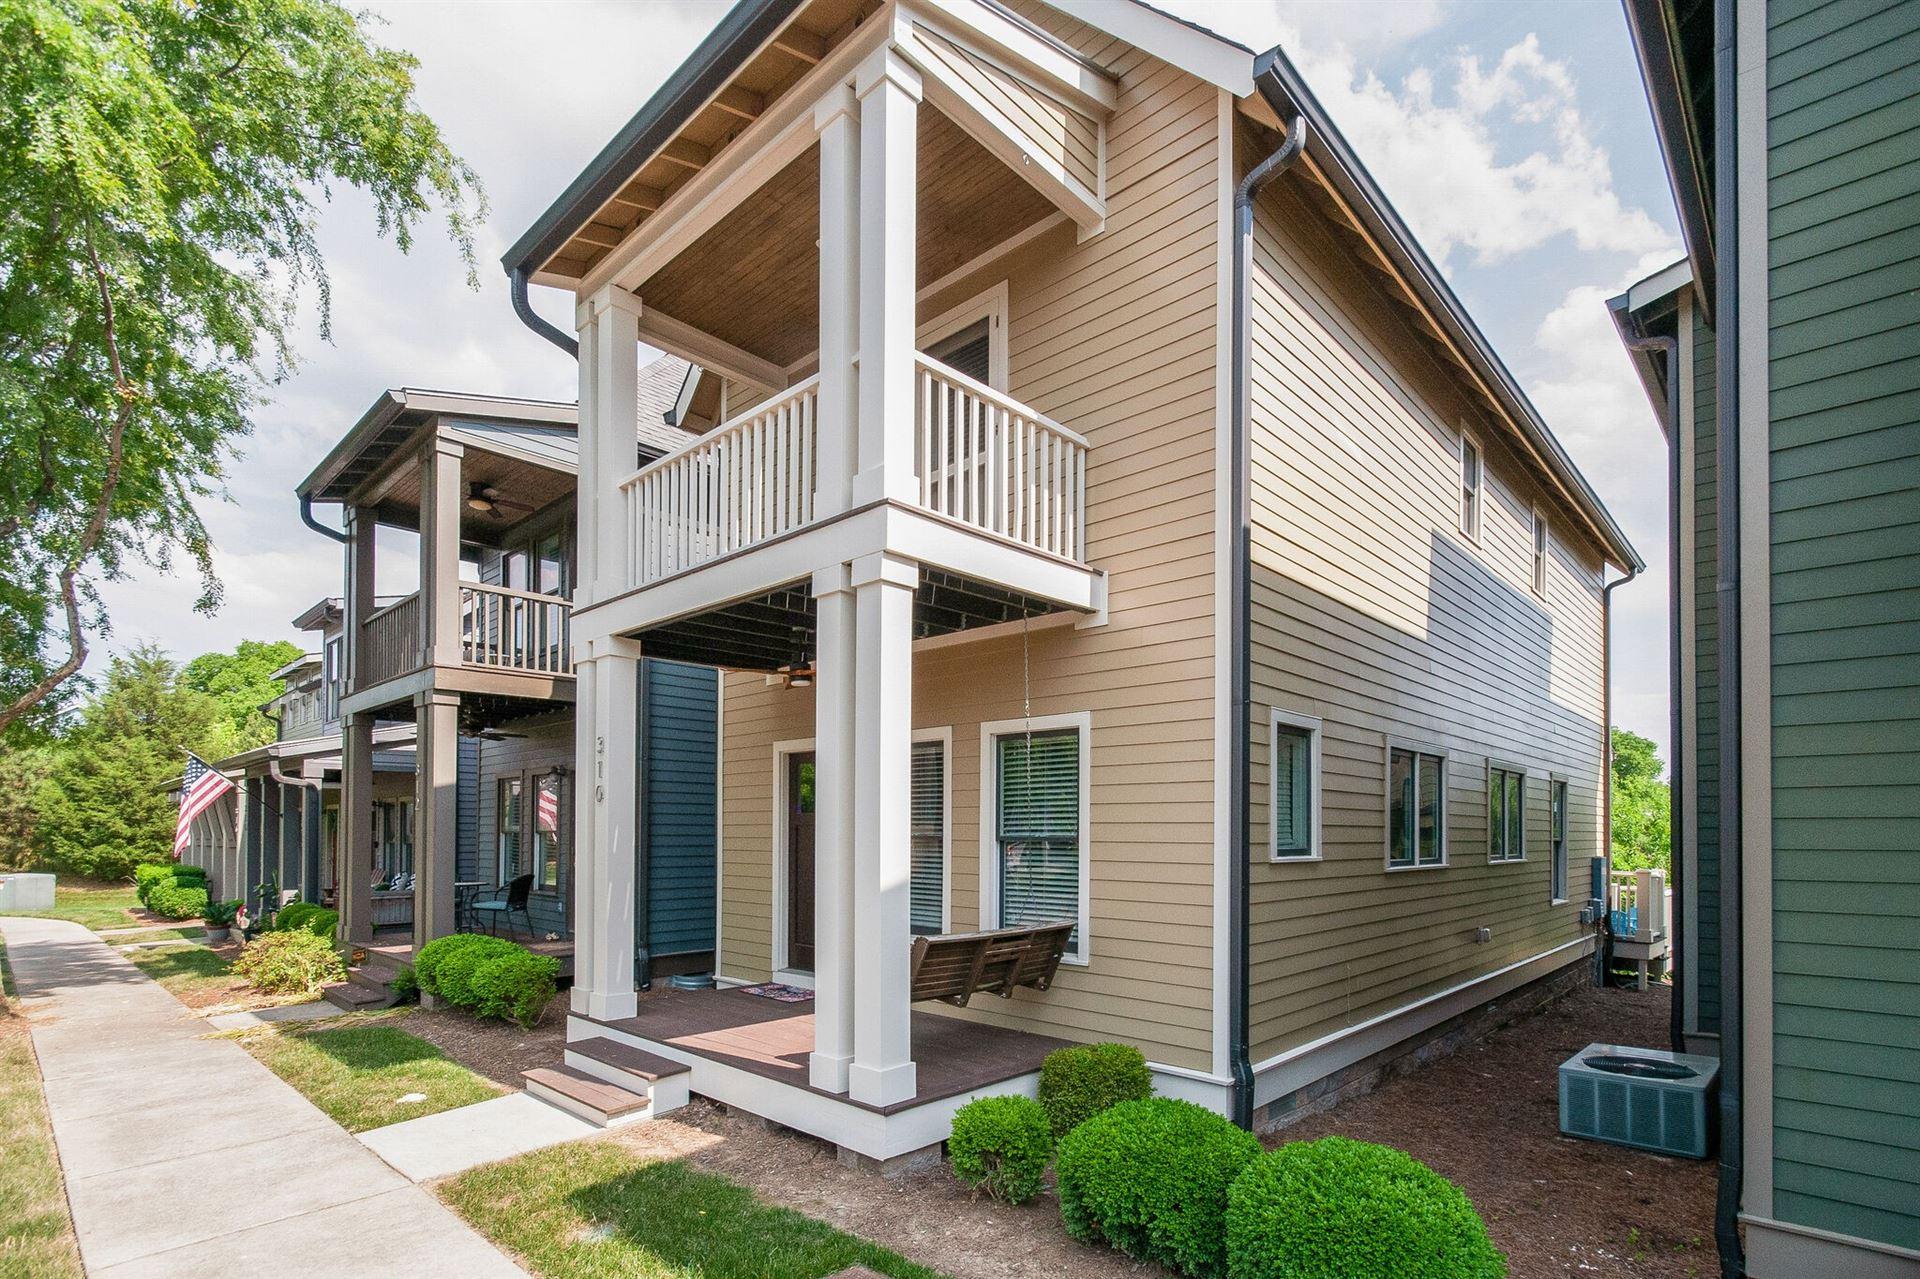 Photo of 310 Sylvan Park Ln, Nashville, TN 37209 (MLS # 2263467)